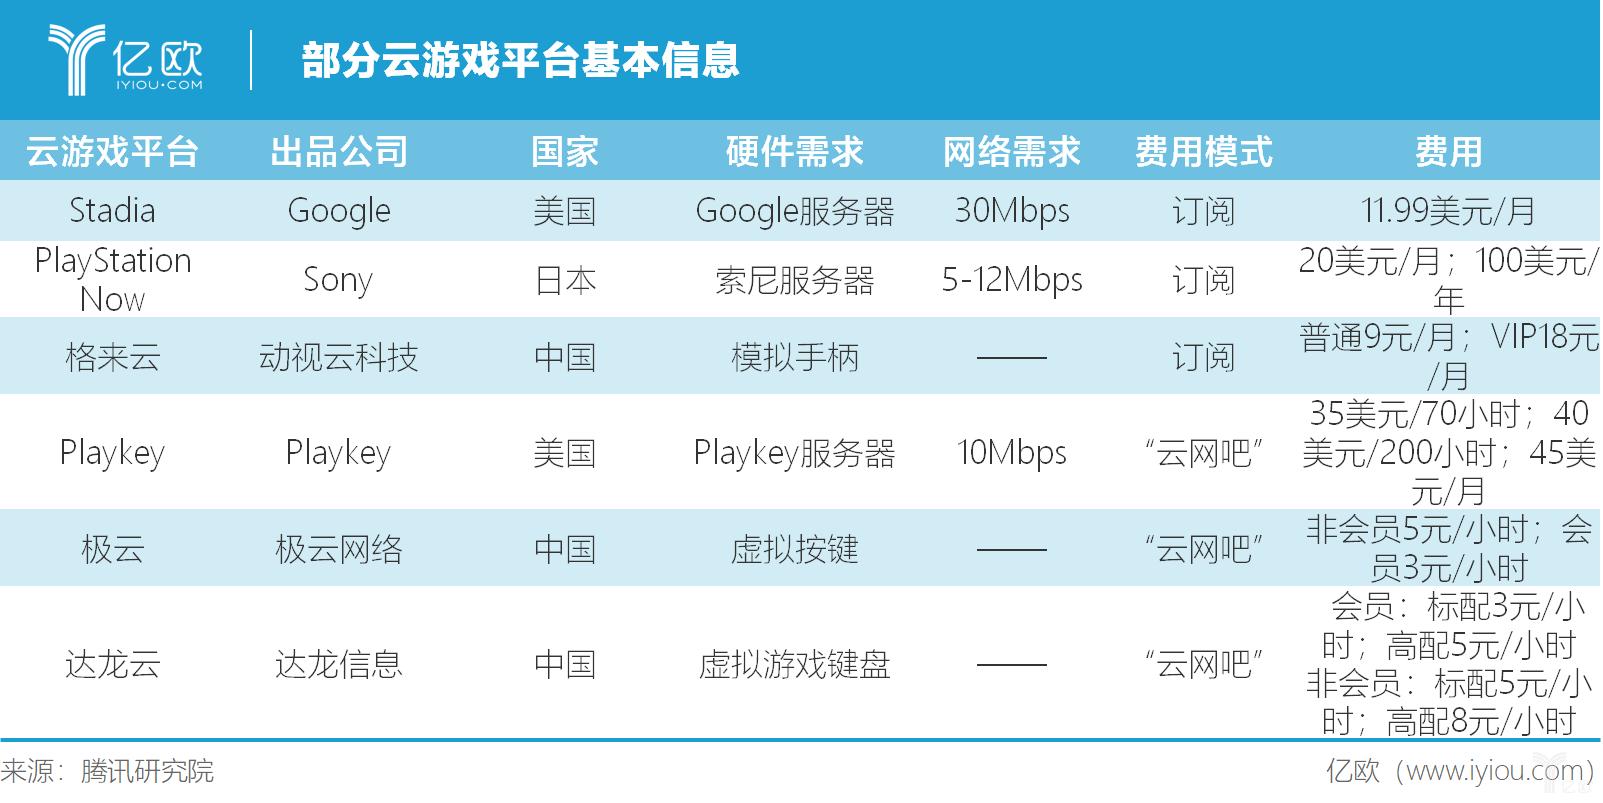 亿欧智库:部分云平台基本信息